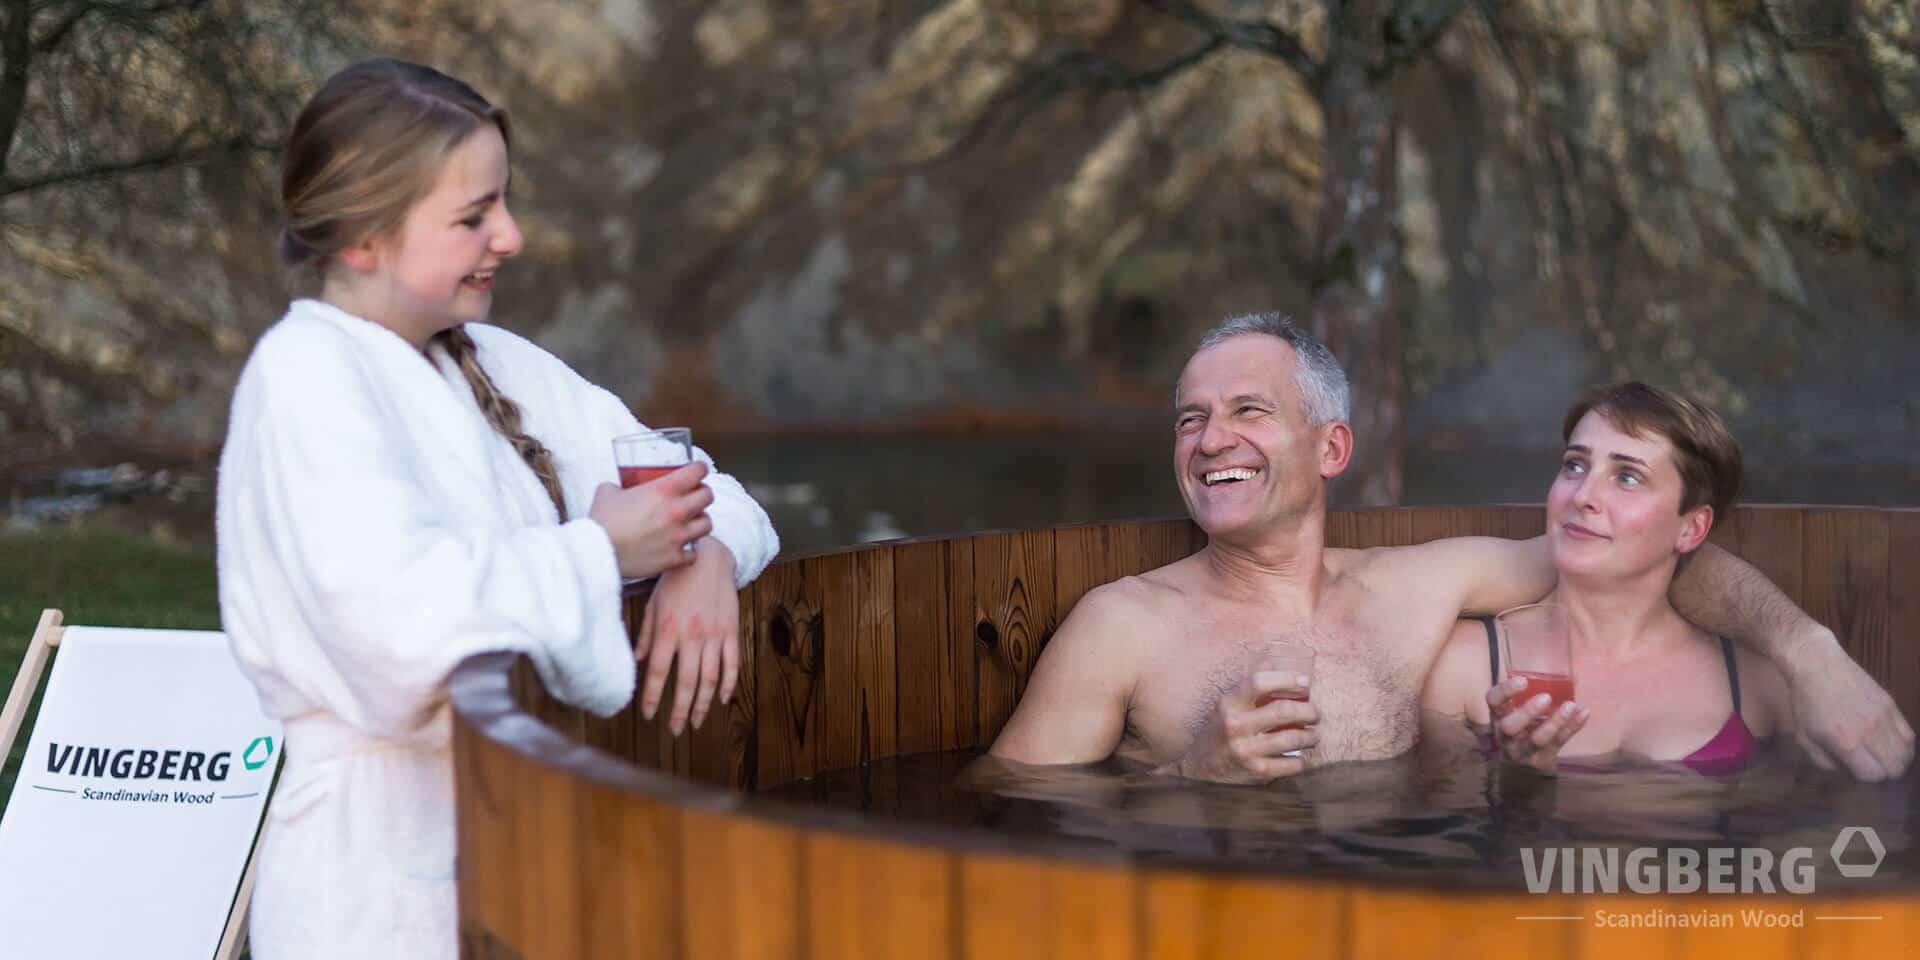 Kąpiel w gorącej balii na łonie natury